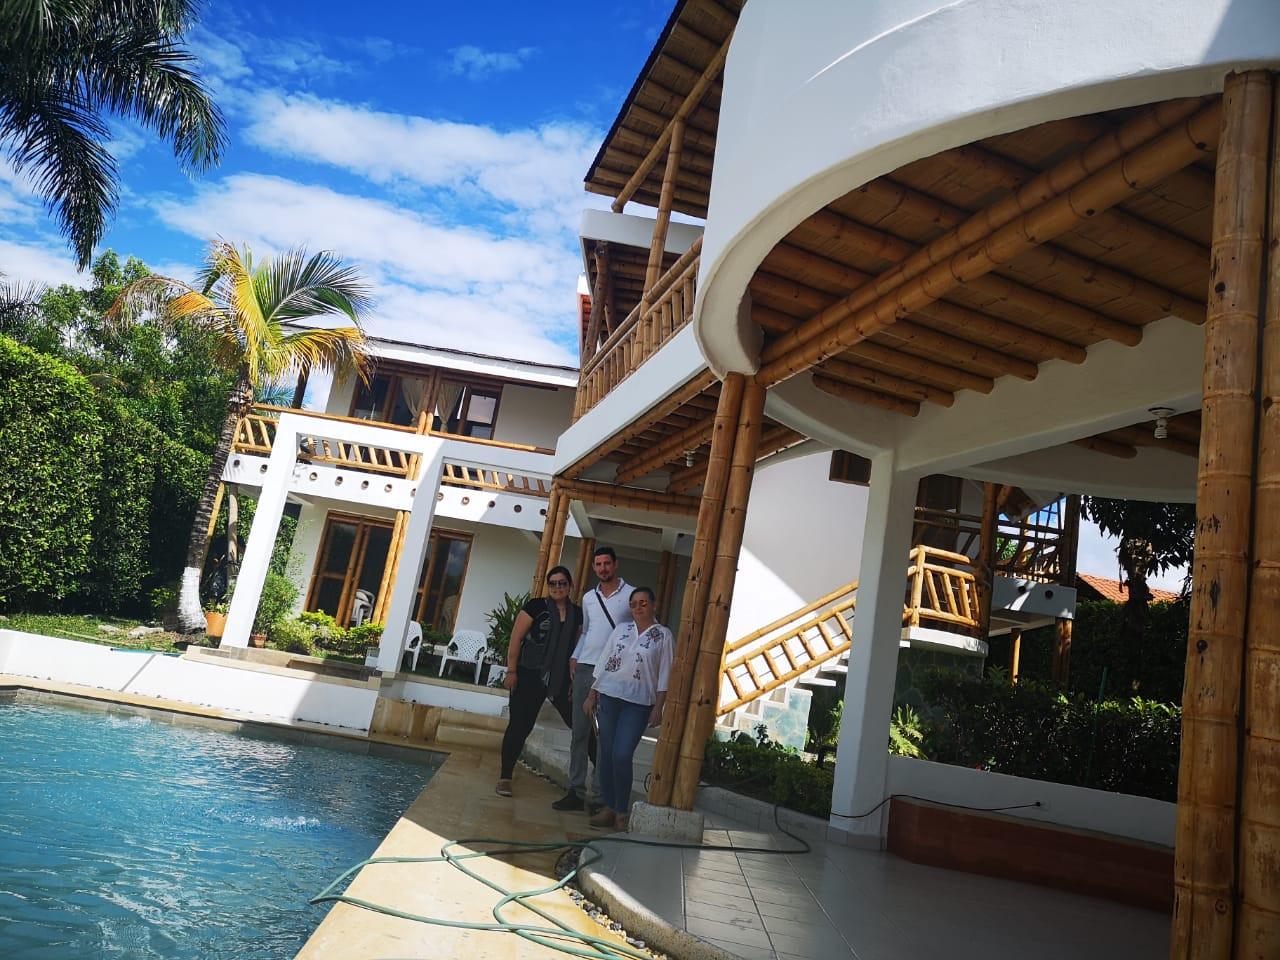 Chinauta pool house view